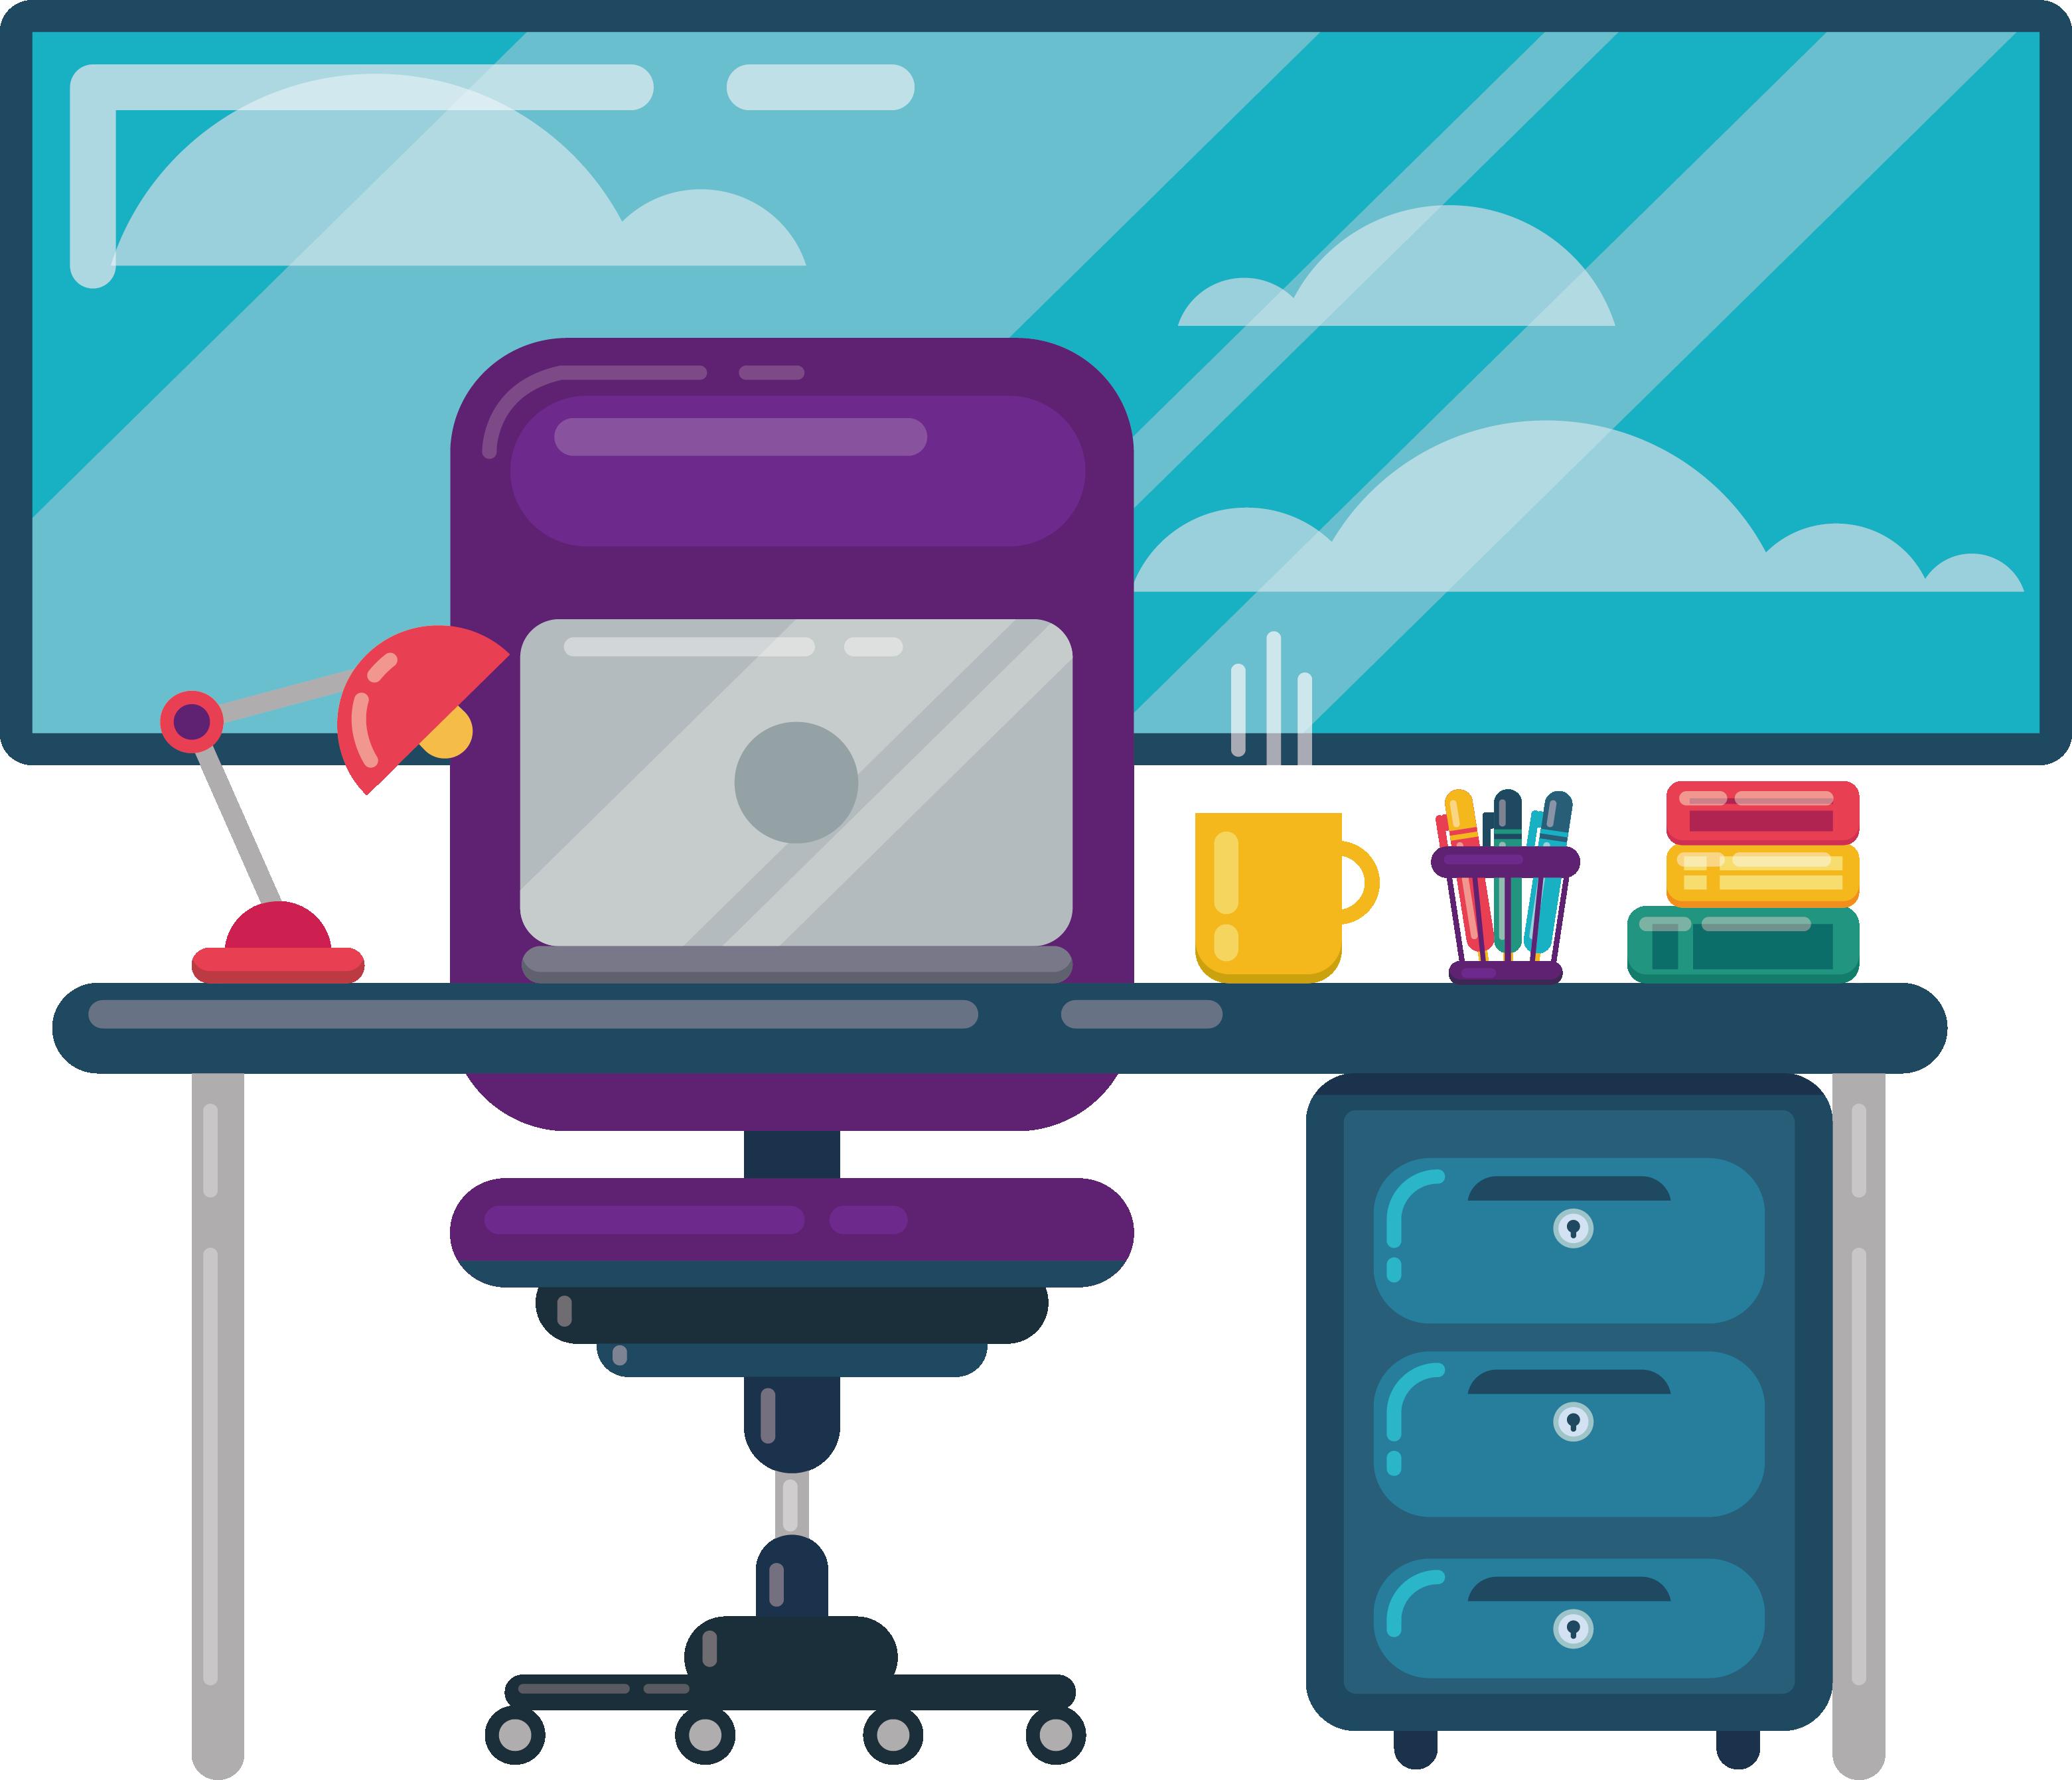 Laptop clipart purple. Interior design services designer